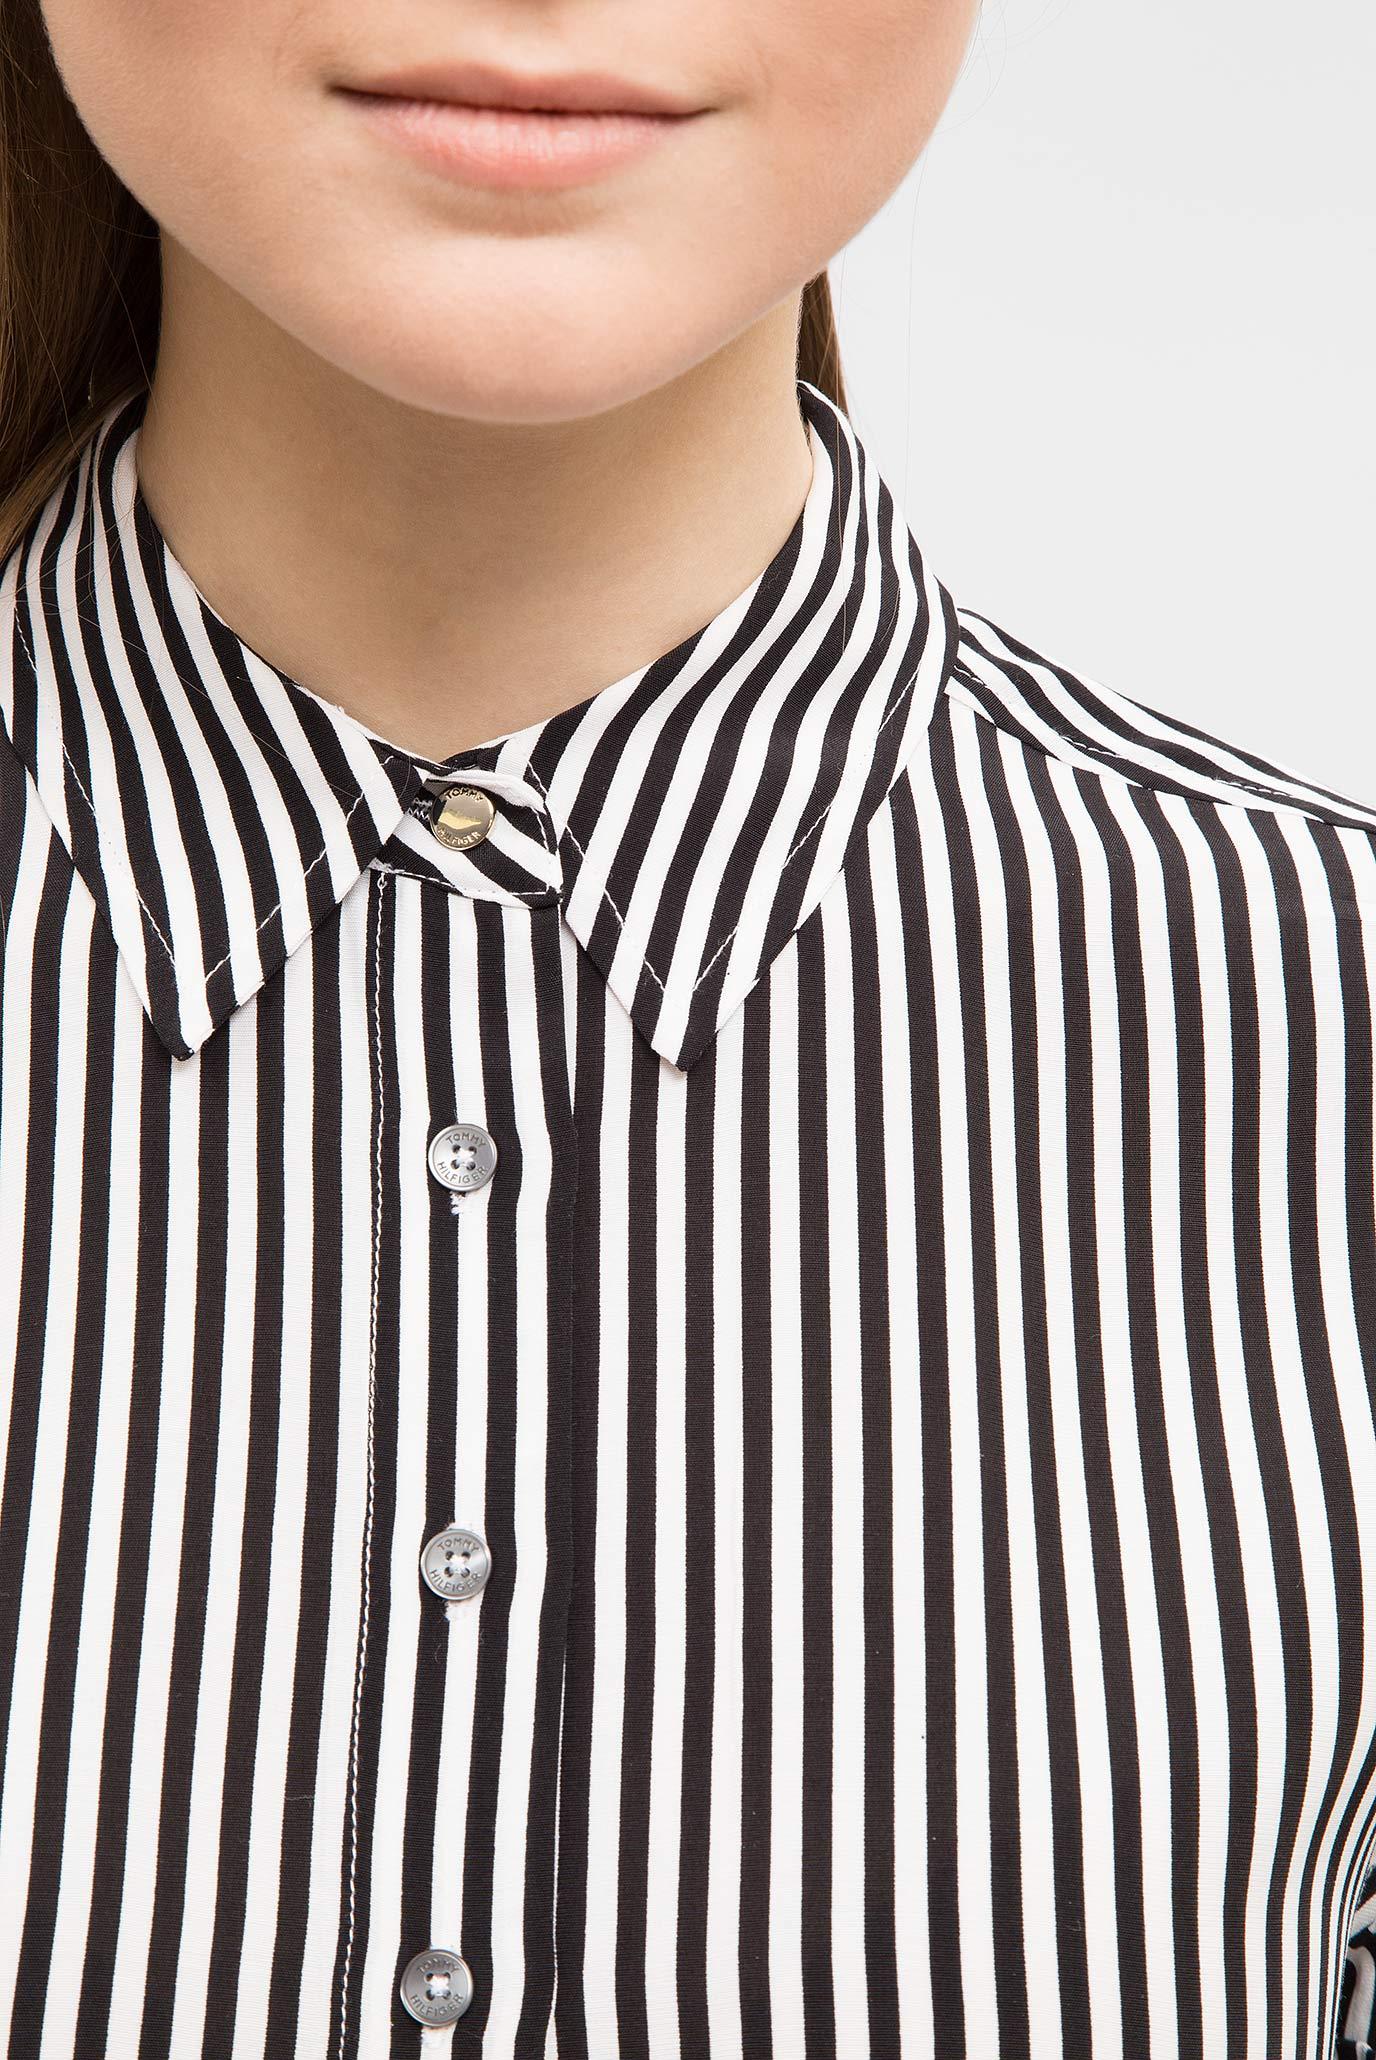 Купить Женская белая рубашка в полоку Tommy Hilfiger Tommy Hilfiger WW0WW21510 – Киев, Украина. Цены в интернет магазине MD Fashion